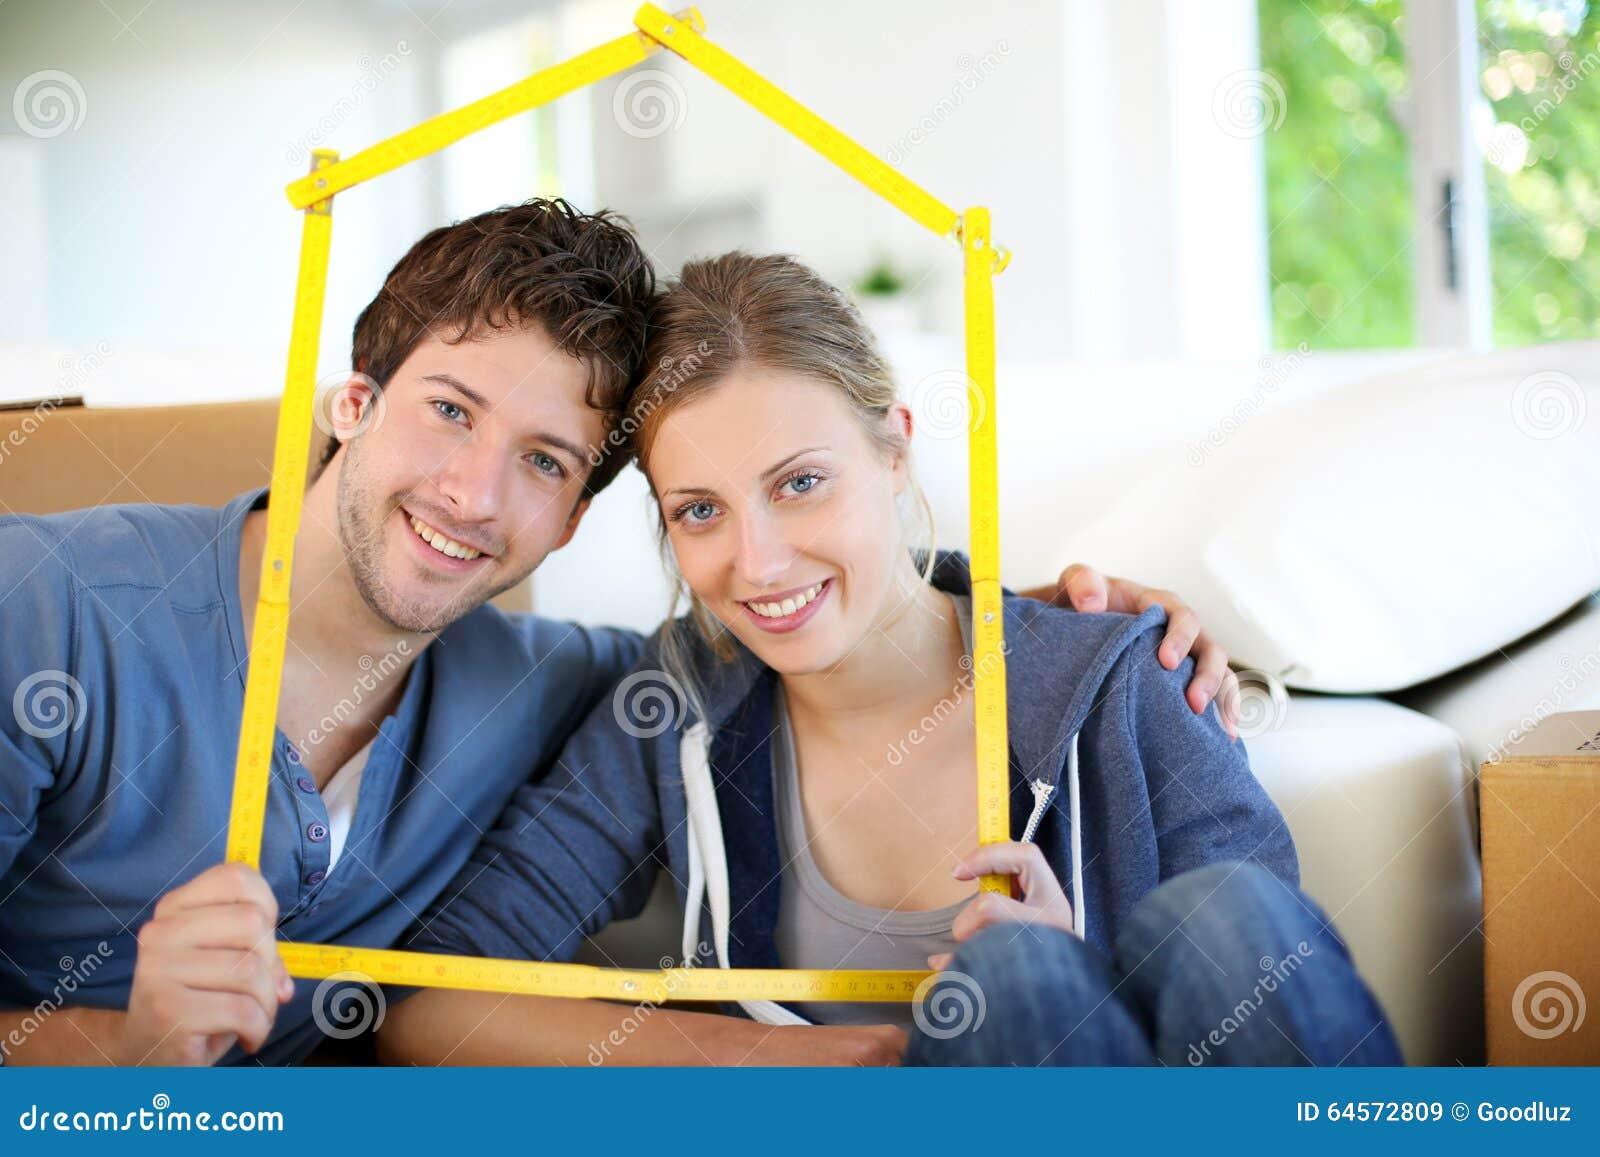 Портрет молодых владельцев недвижимого имущества